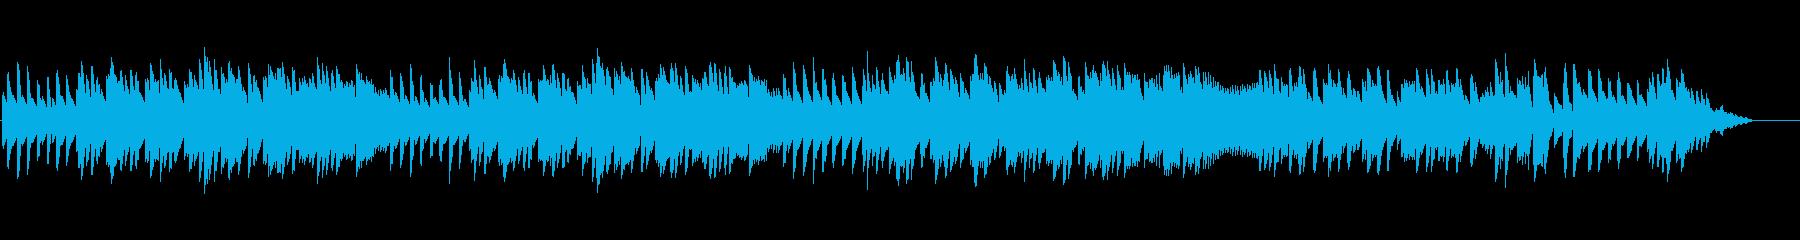 8bitクラシック アラビア風奇想曲の再生済みの波形